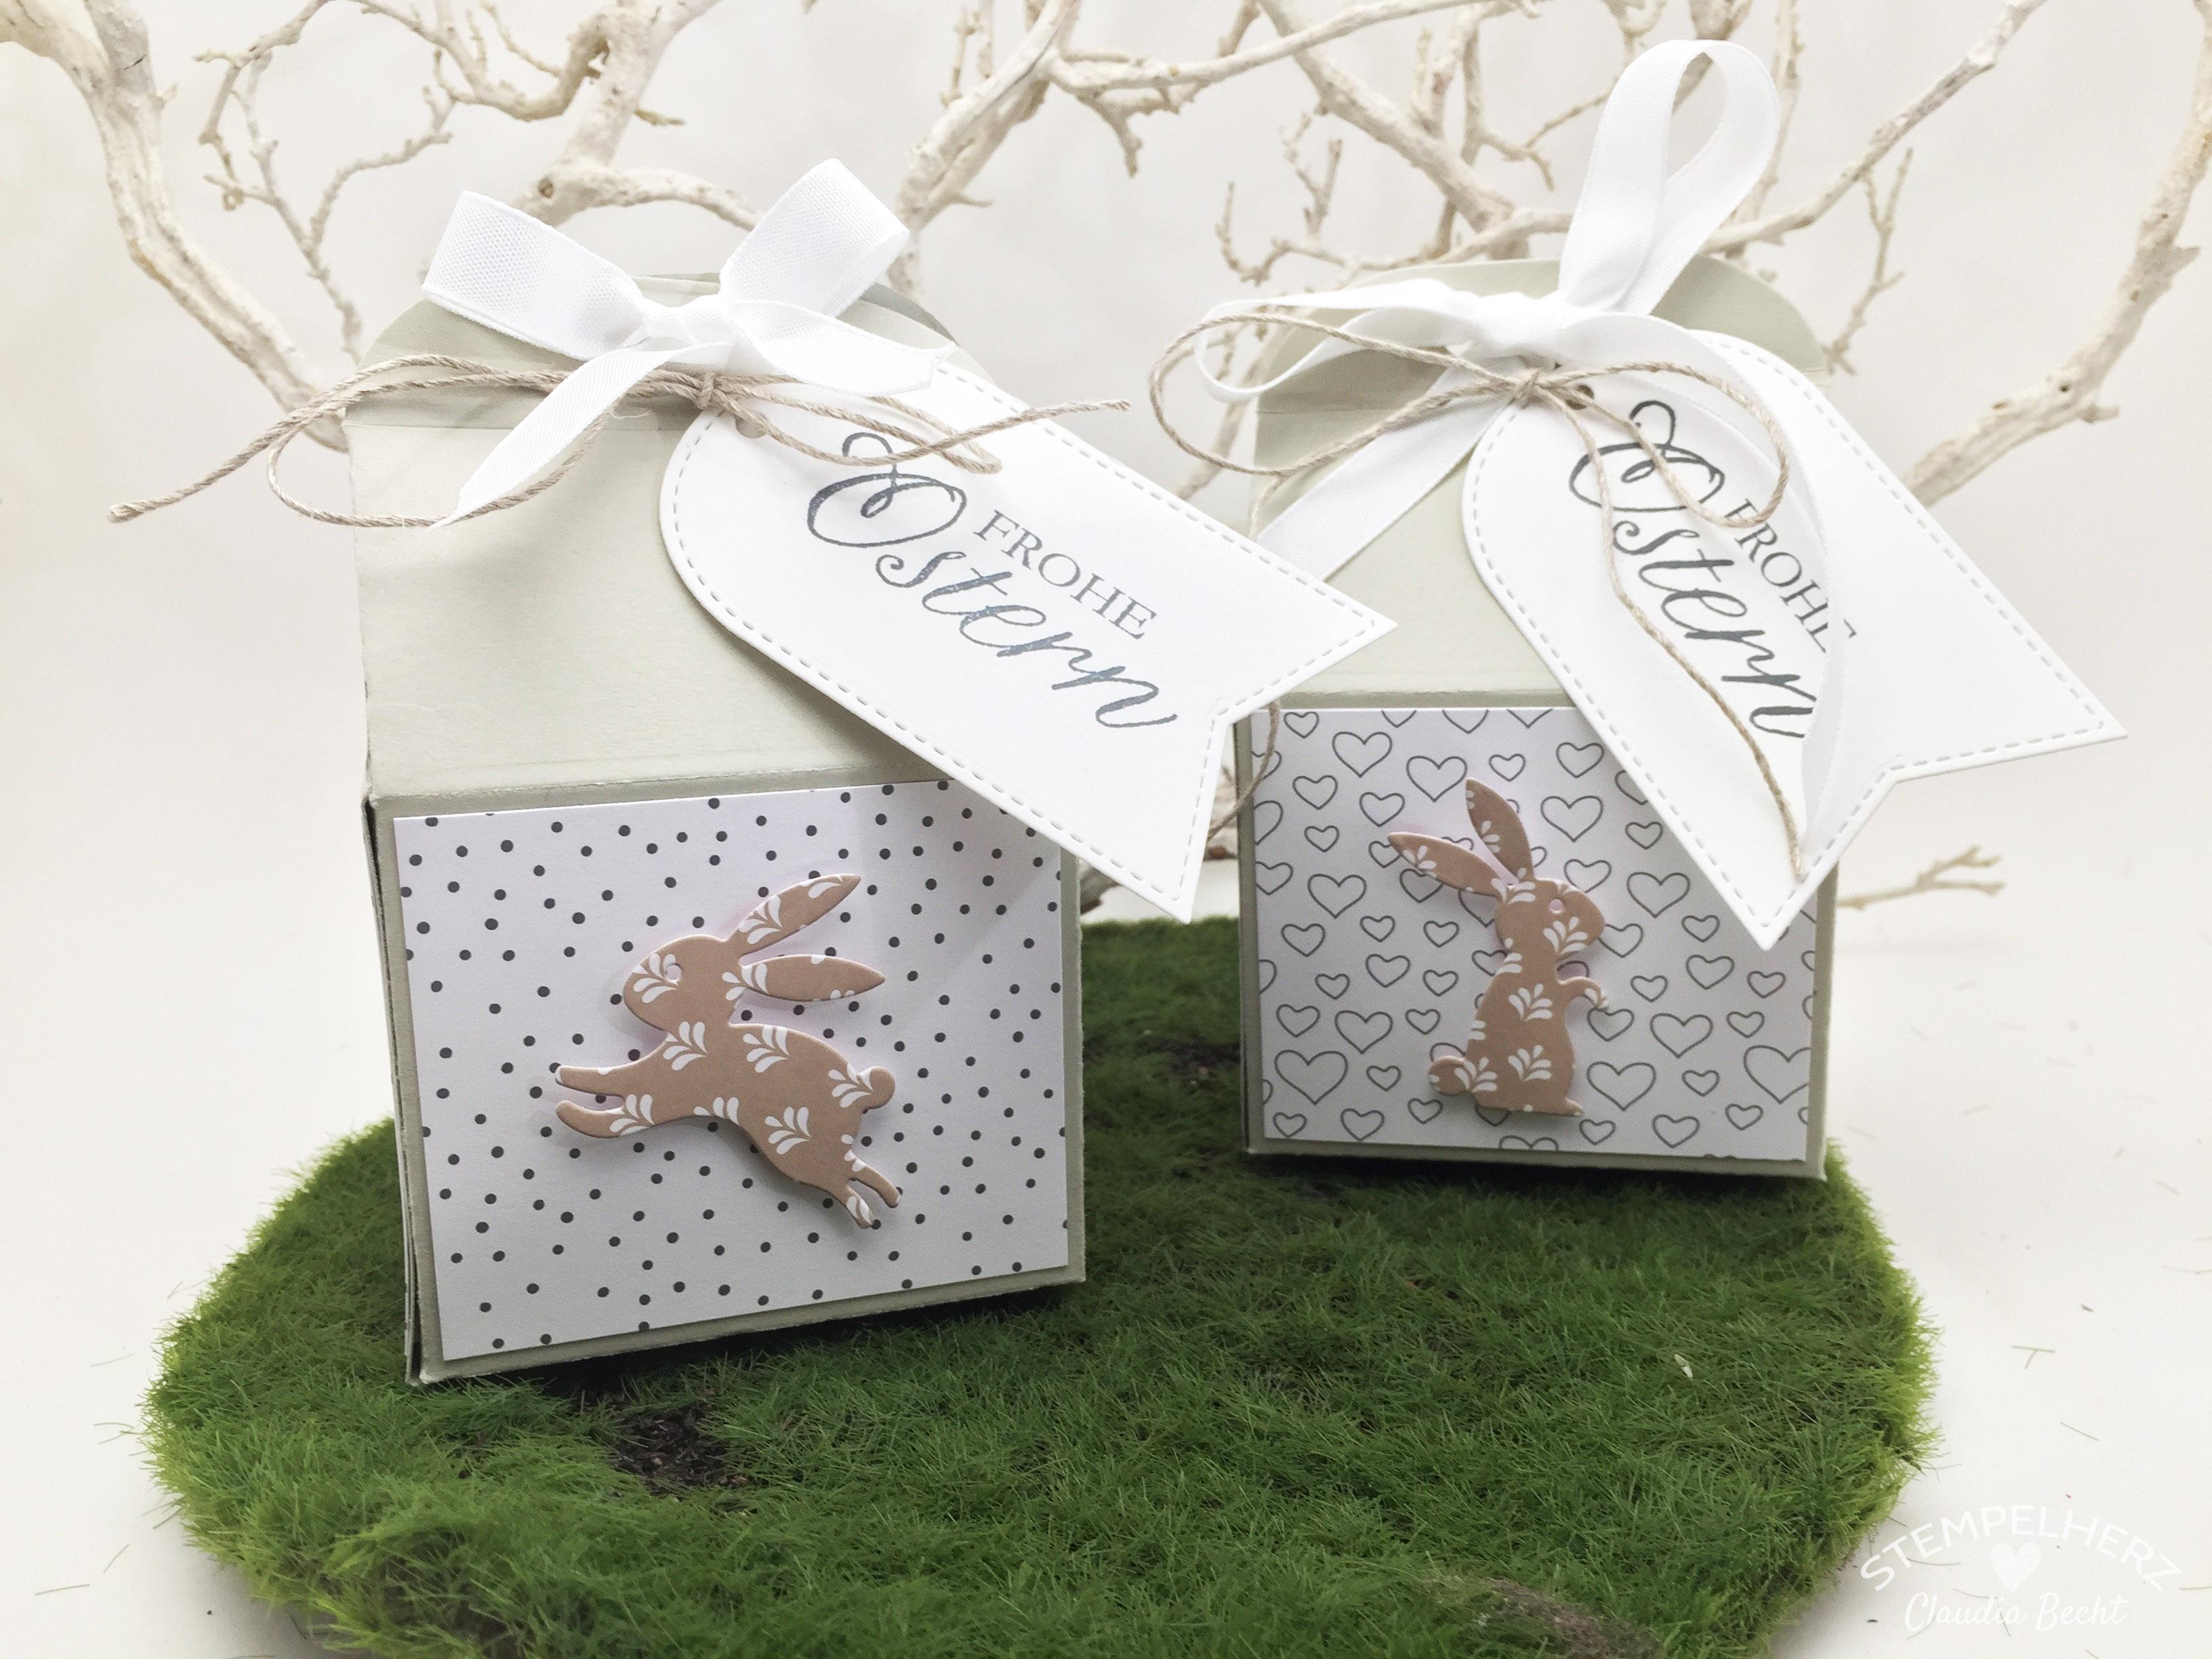 Stampin Up - Stempelherz - Ostern - Verpackung - Thinlits Leckereien-Box - Osterhasenmilchkarton 03